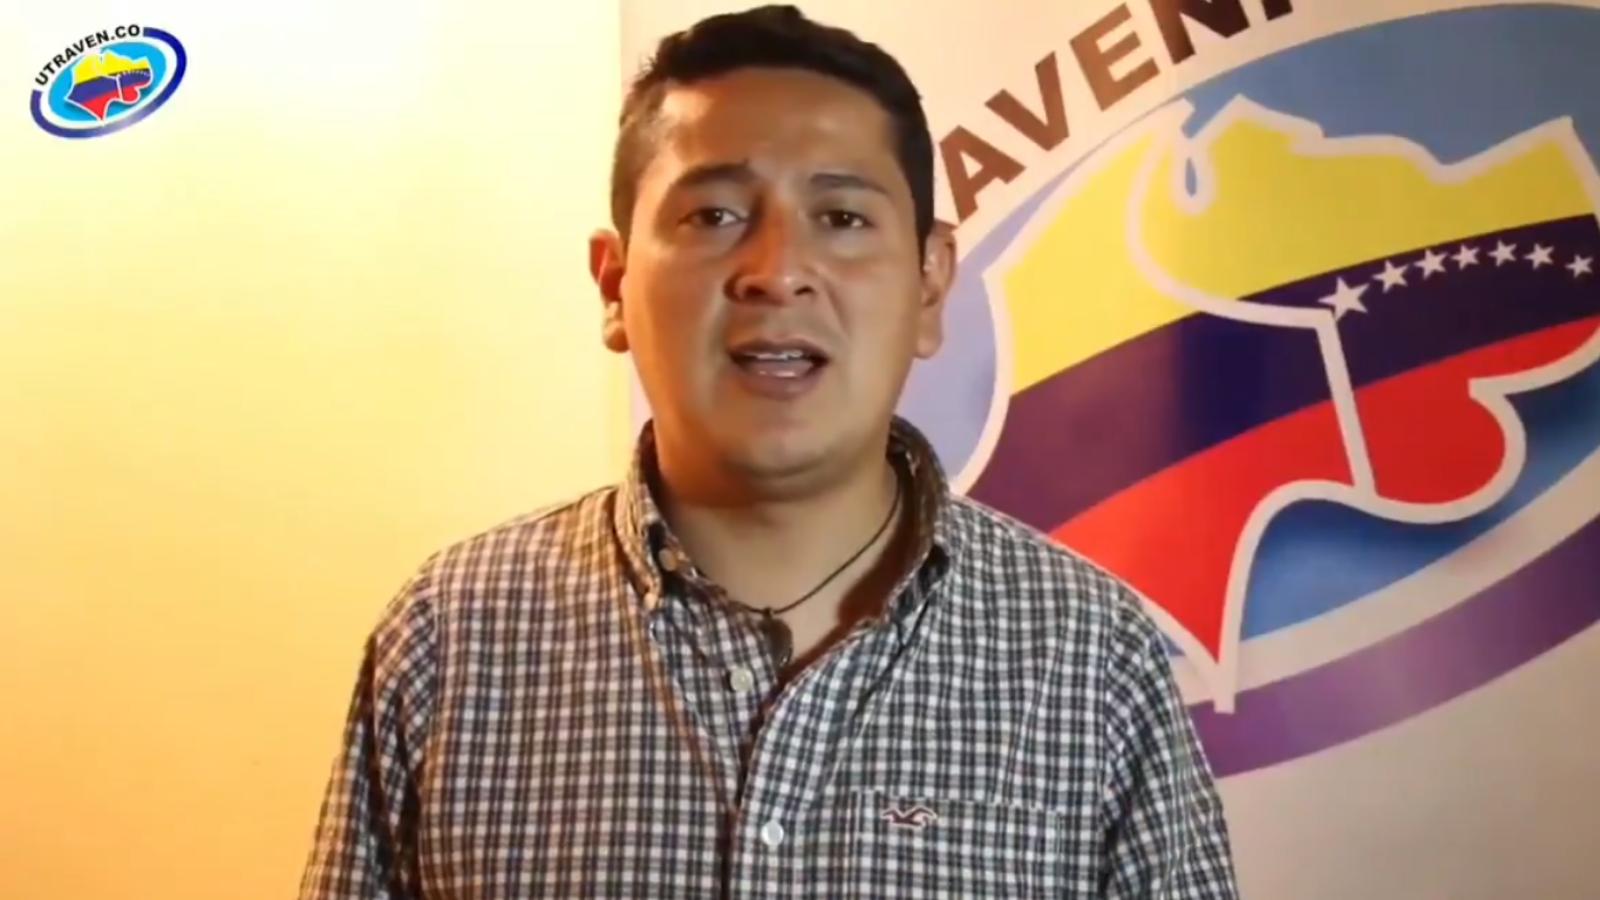 Sindicato pide que se respeten los derechos laborales de migrantes venezolanos